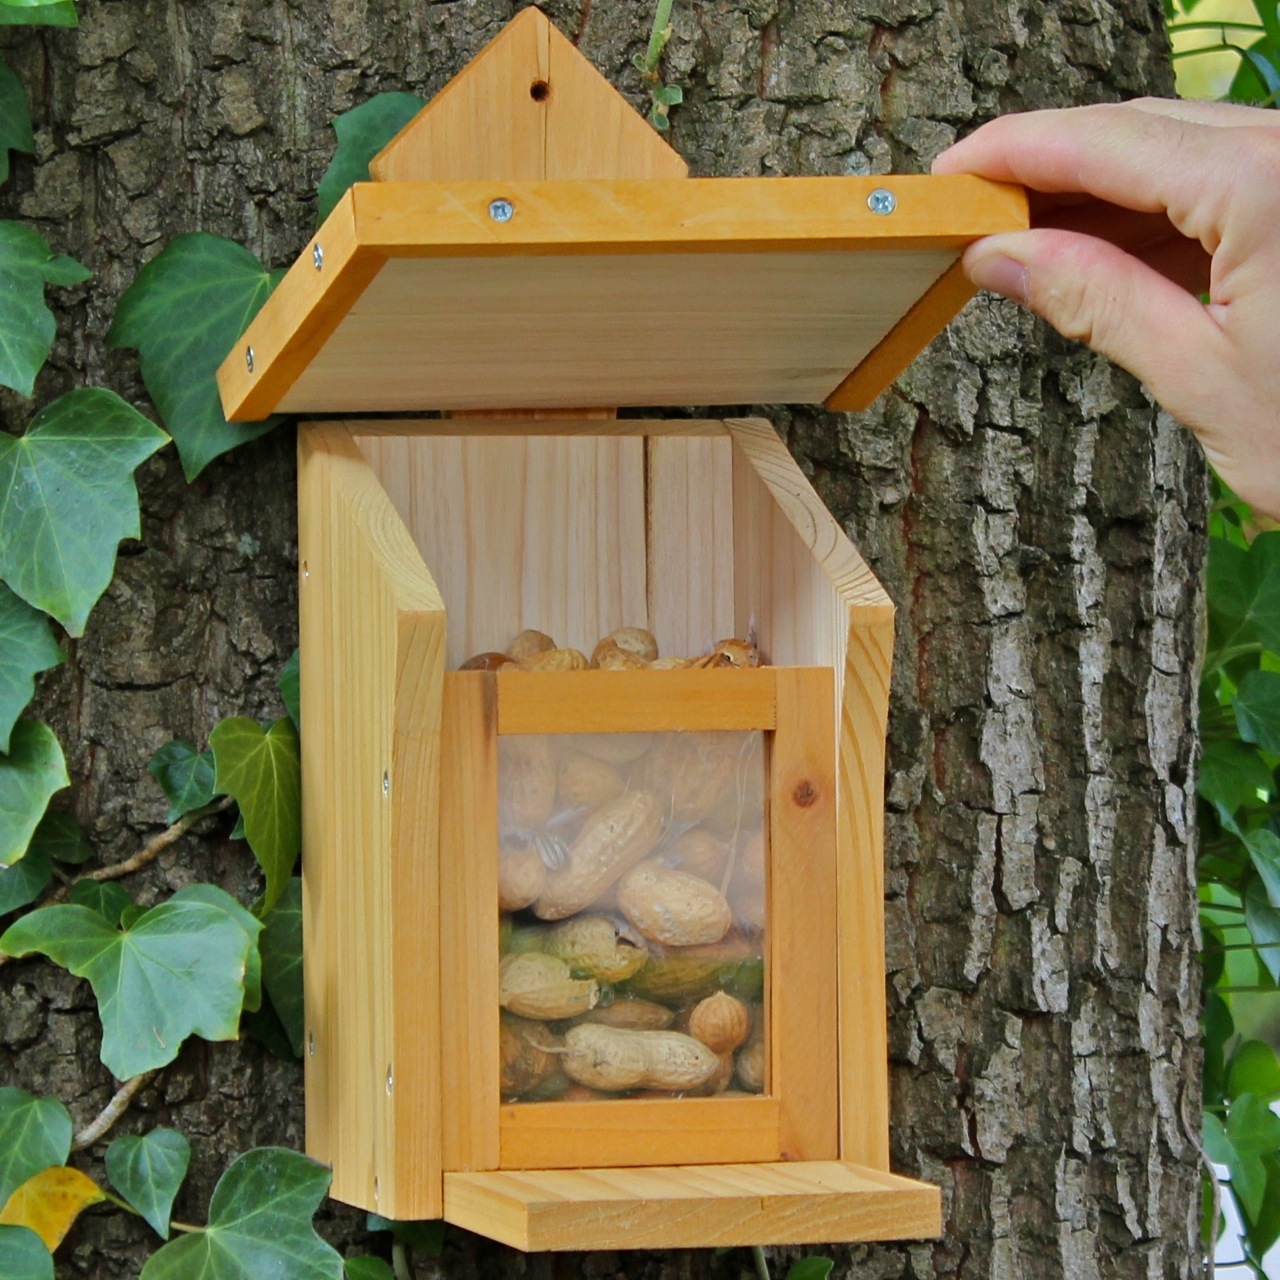 eichh rnchen natur futterkasten vogel und naturschutzprodukte einfach online kaufen. Black Bedroom Furniture Sets. Home Design Ideas